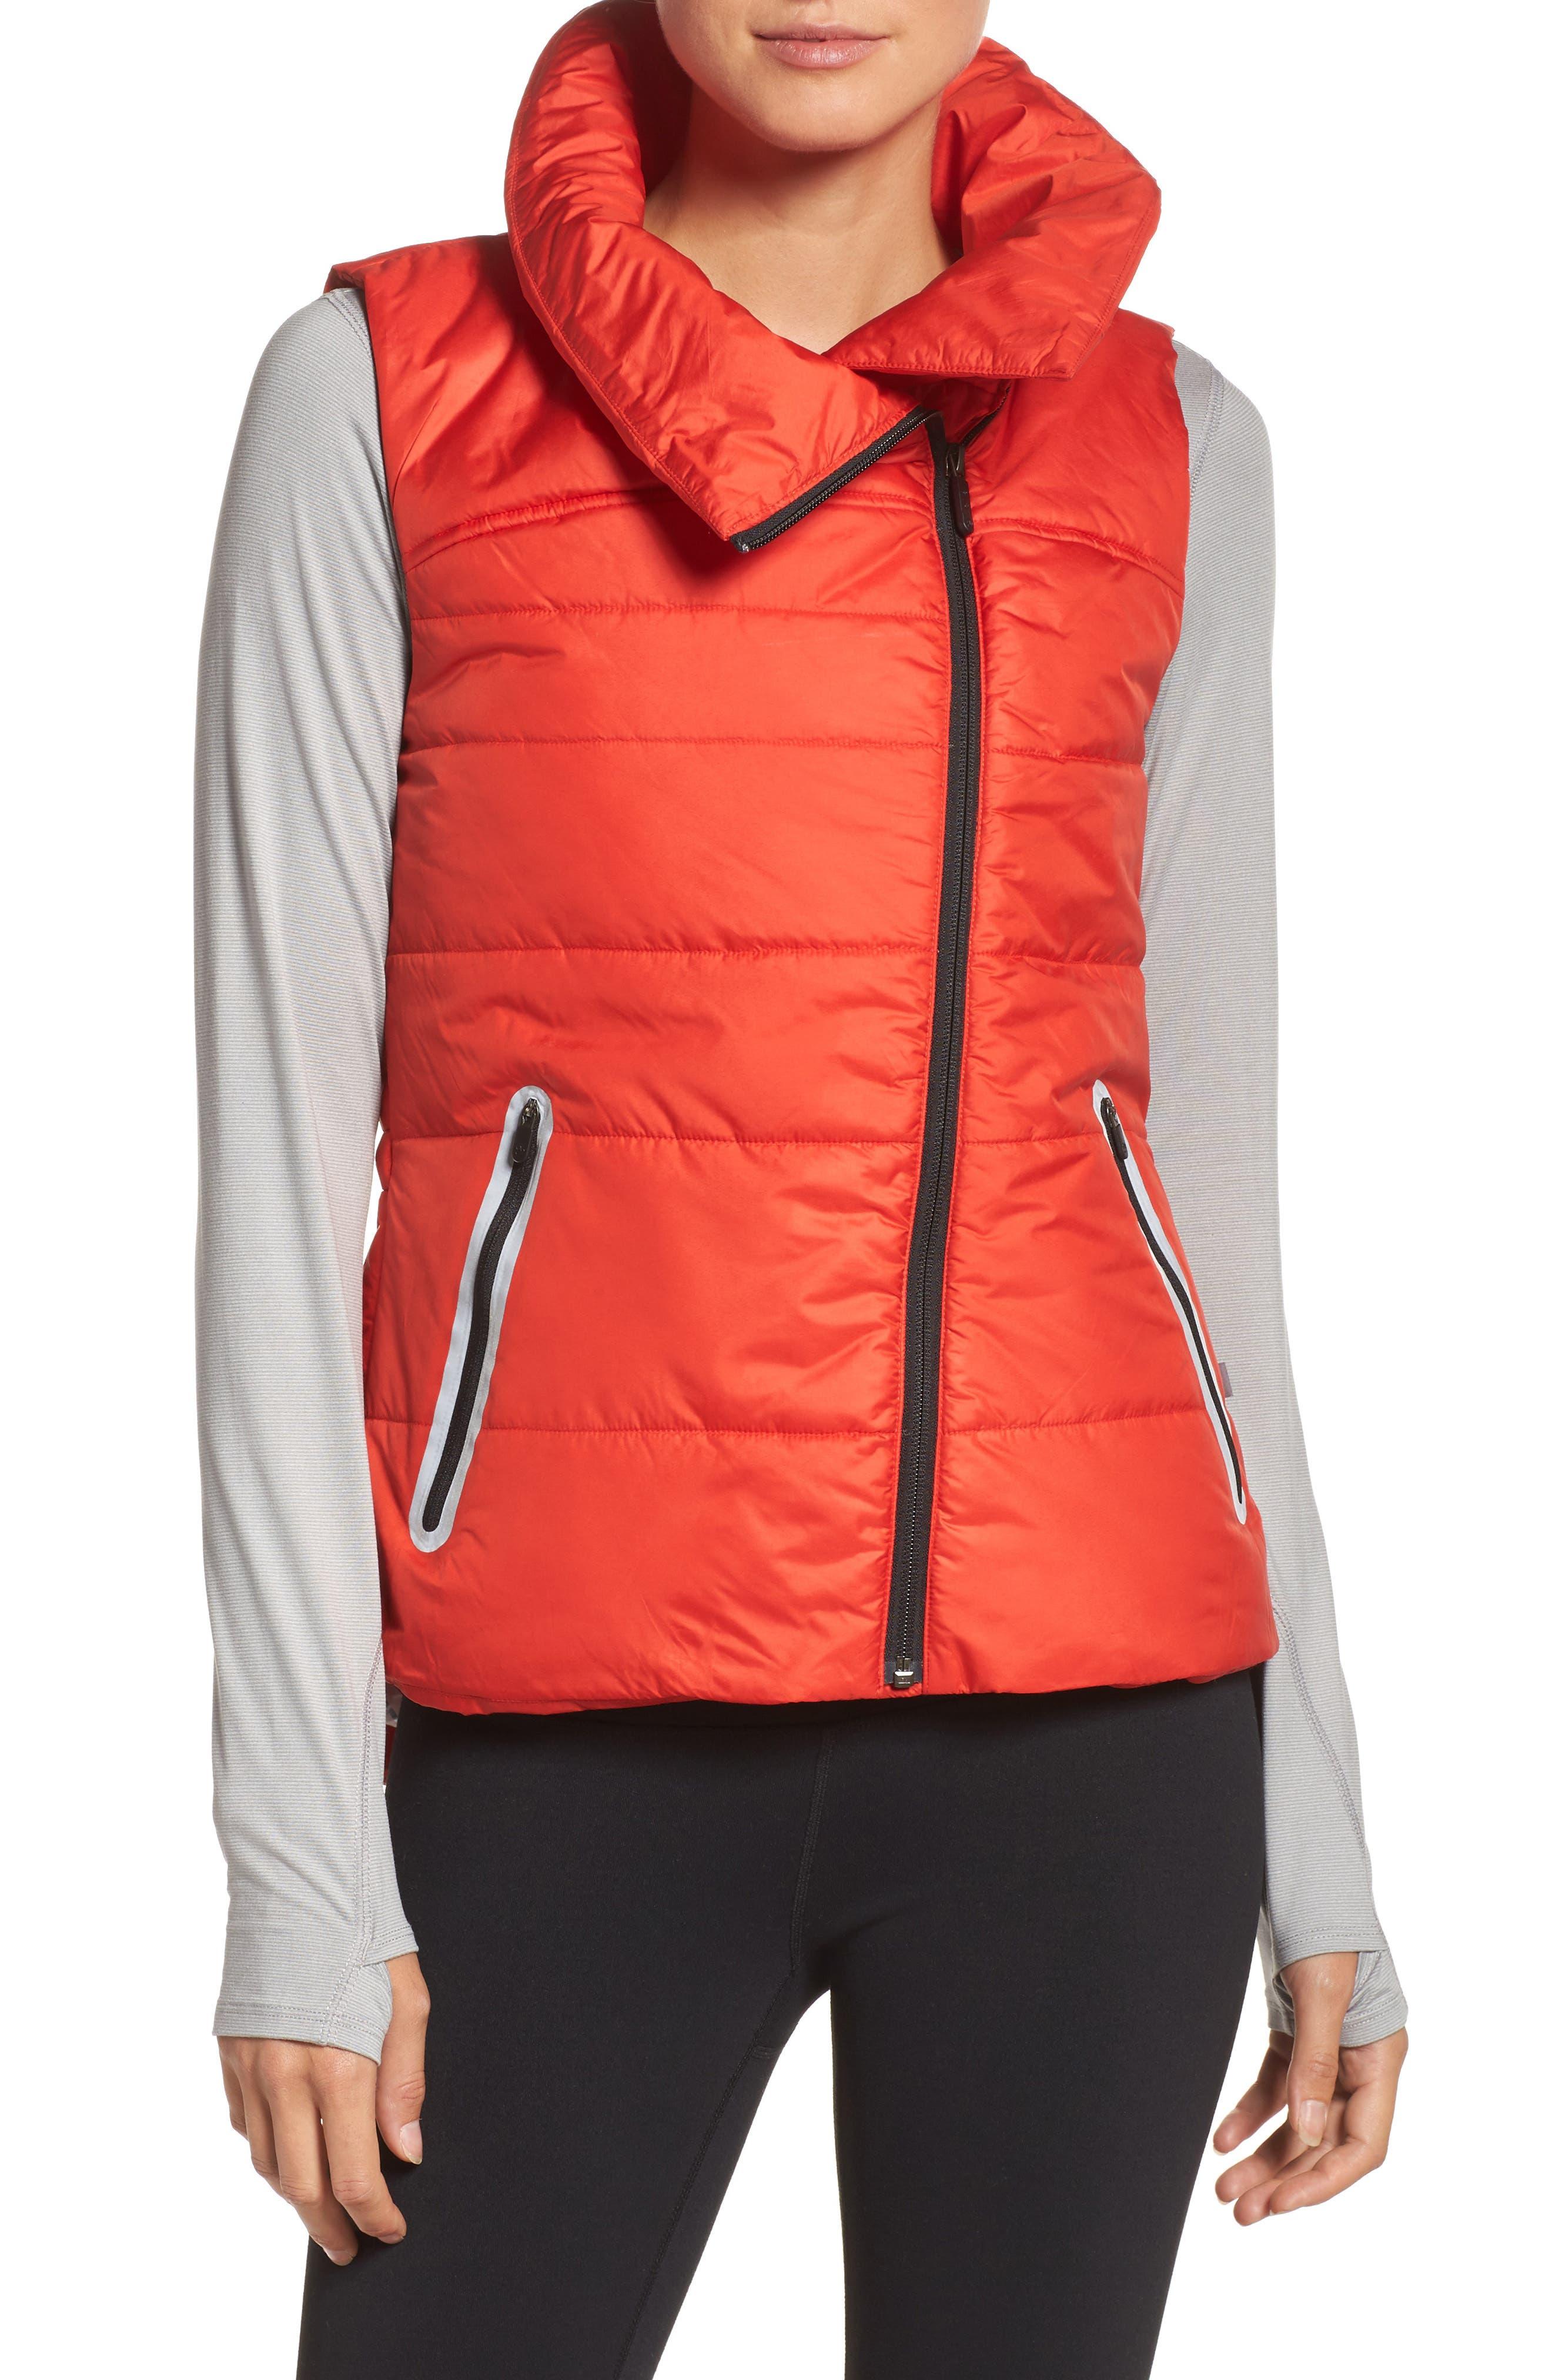 Alternate Image 1 Selected - Zella Dynamic PrimaLoft® Vest